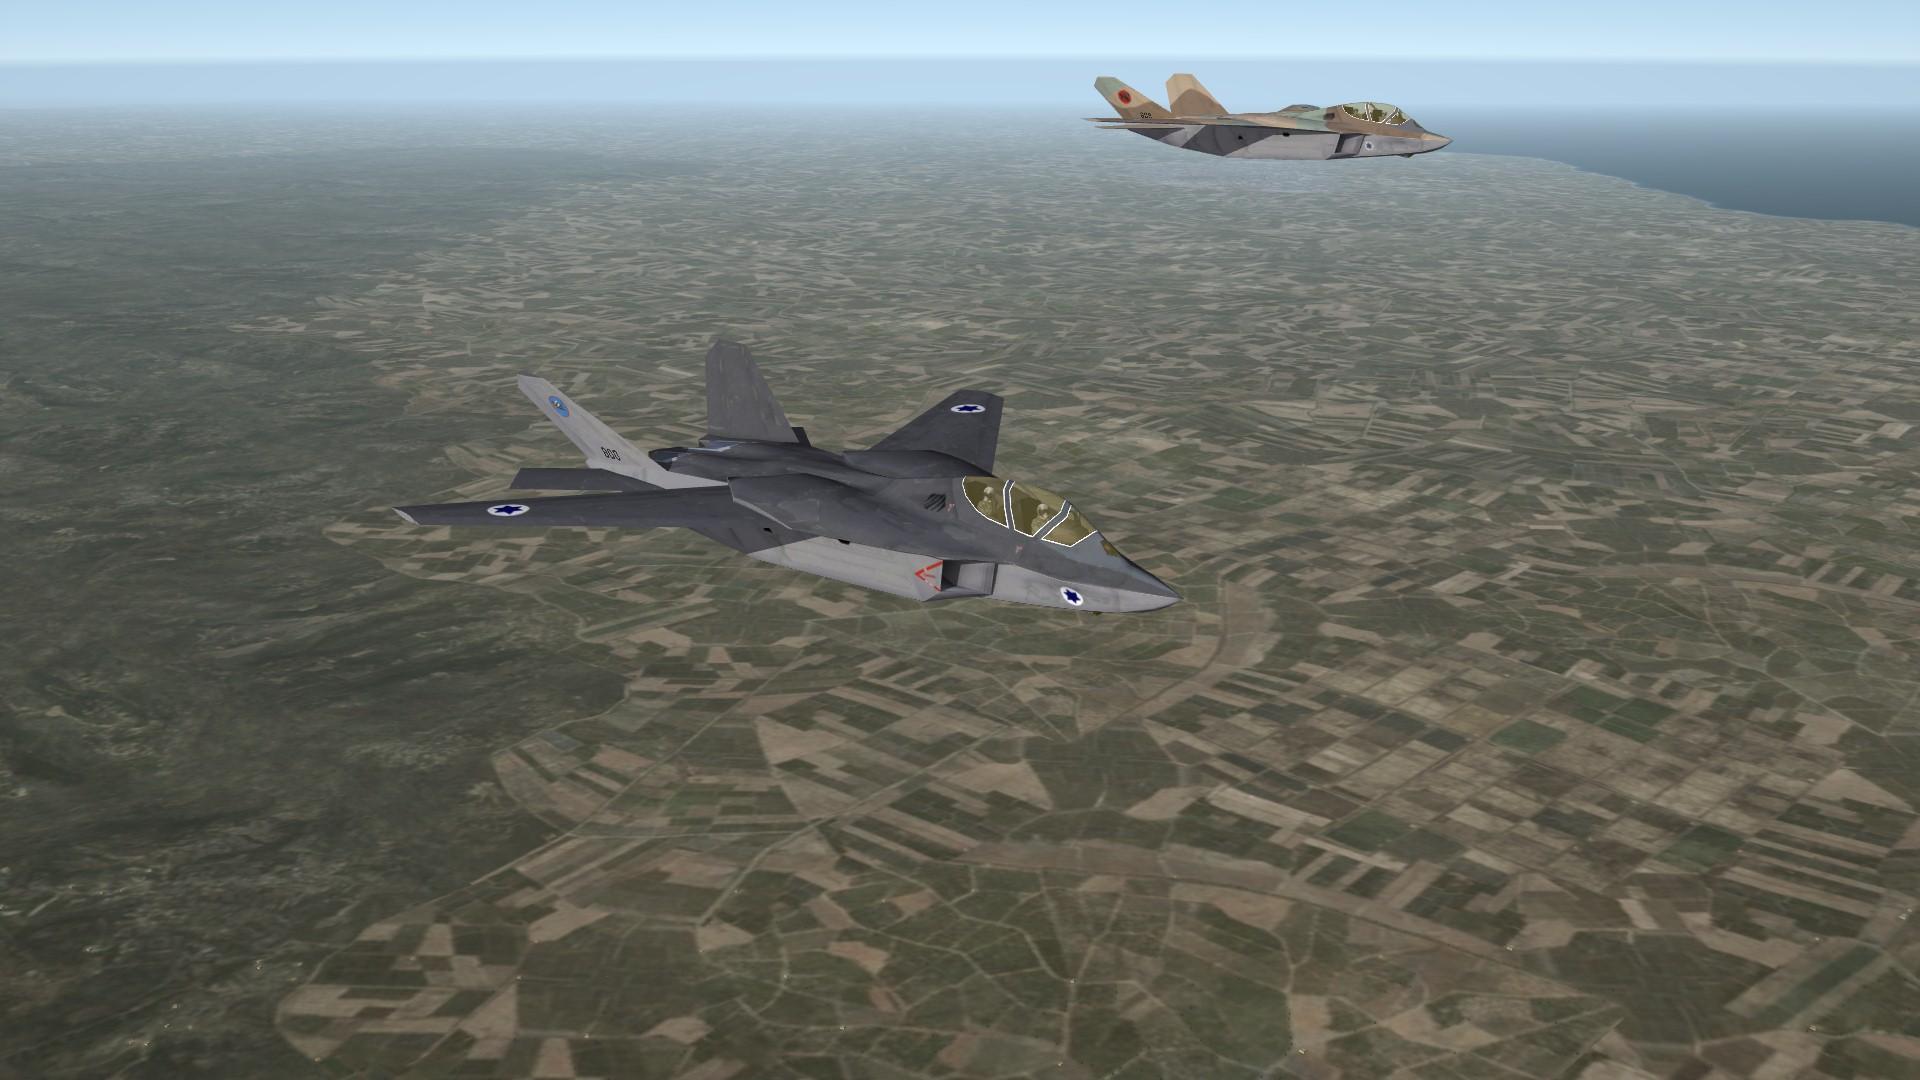 [Fictional] A/F-24 'Tigris' (Tiger)